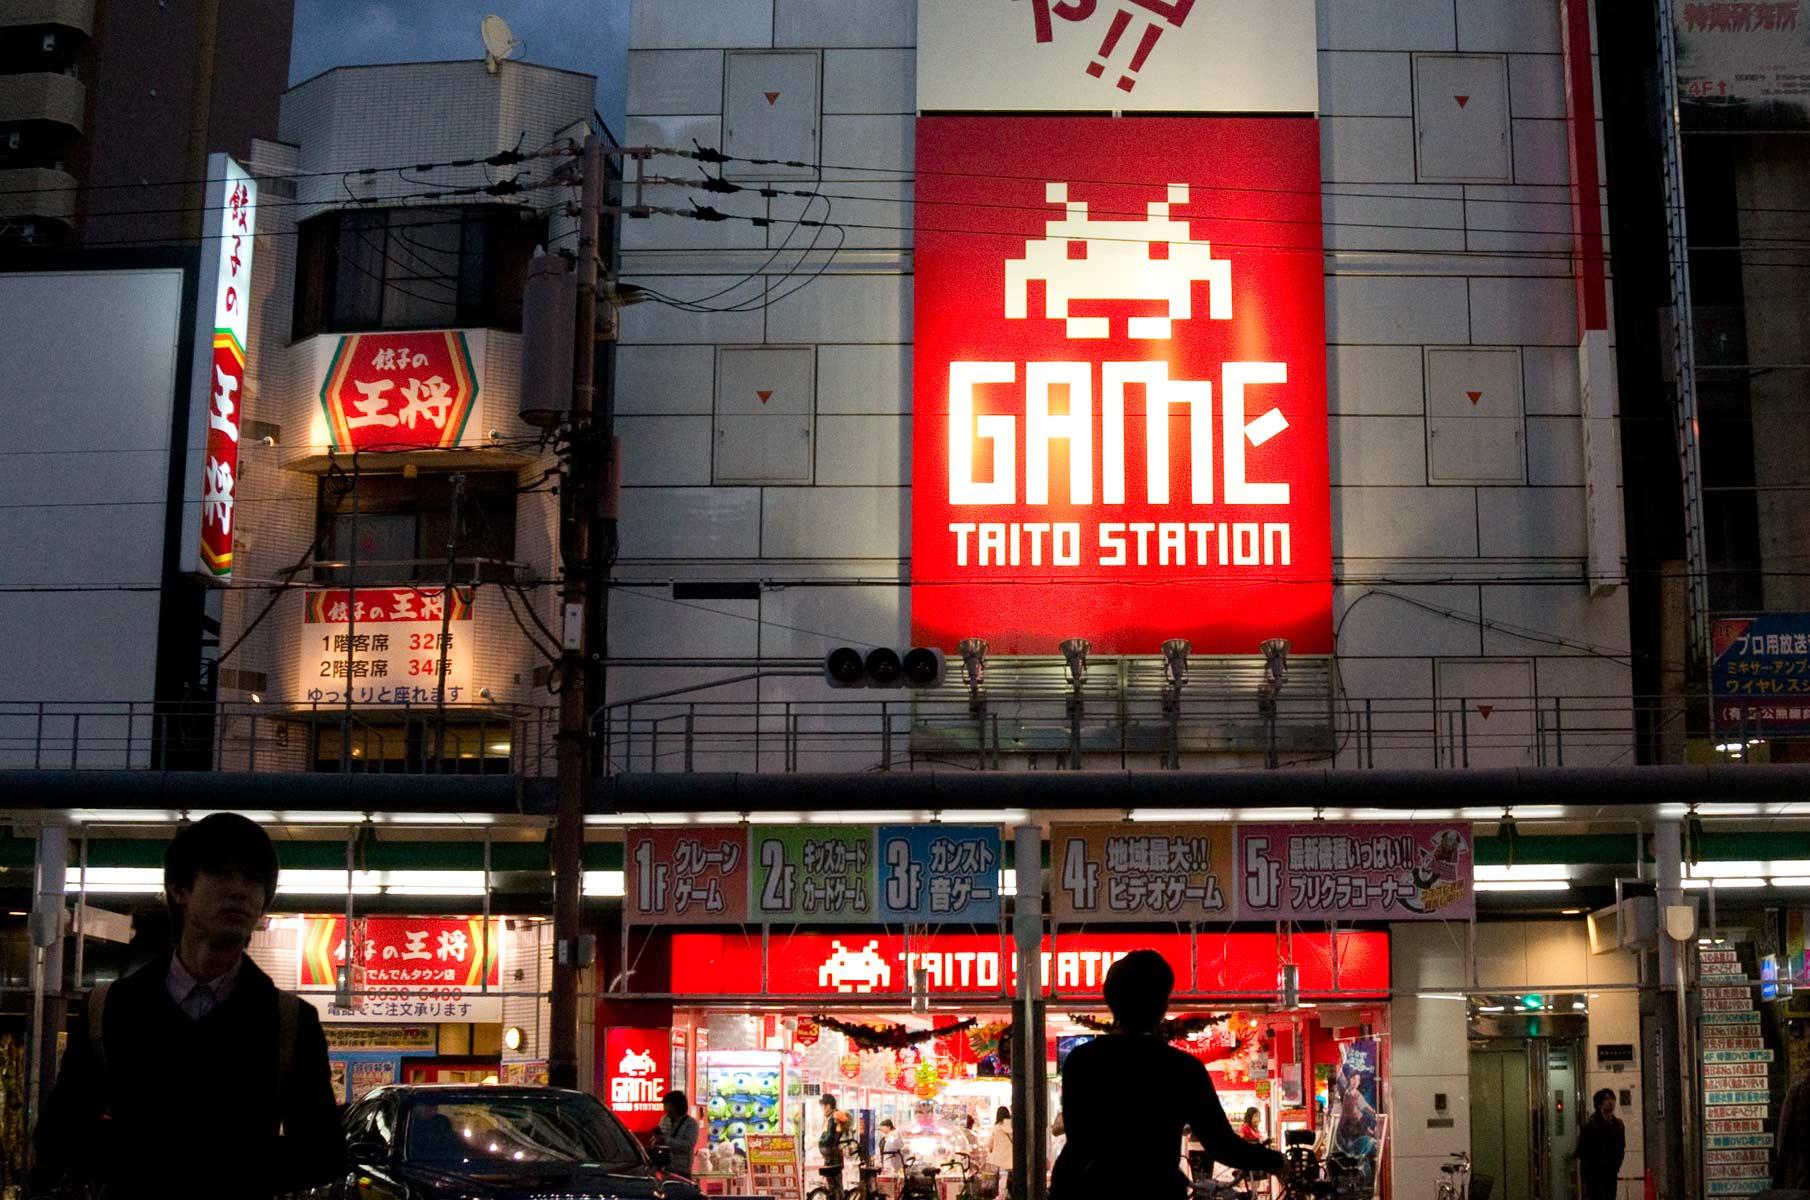 Taito Station im Amüsierviertel Nipponbashi in Osaka, Japan